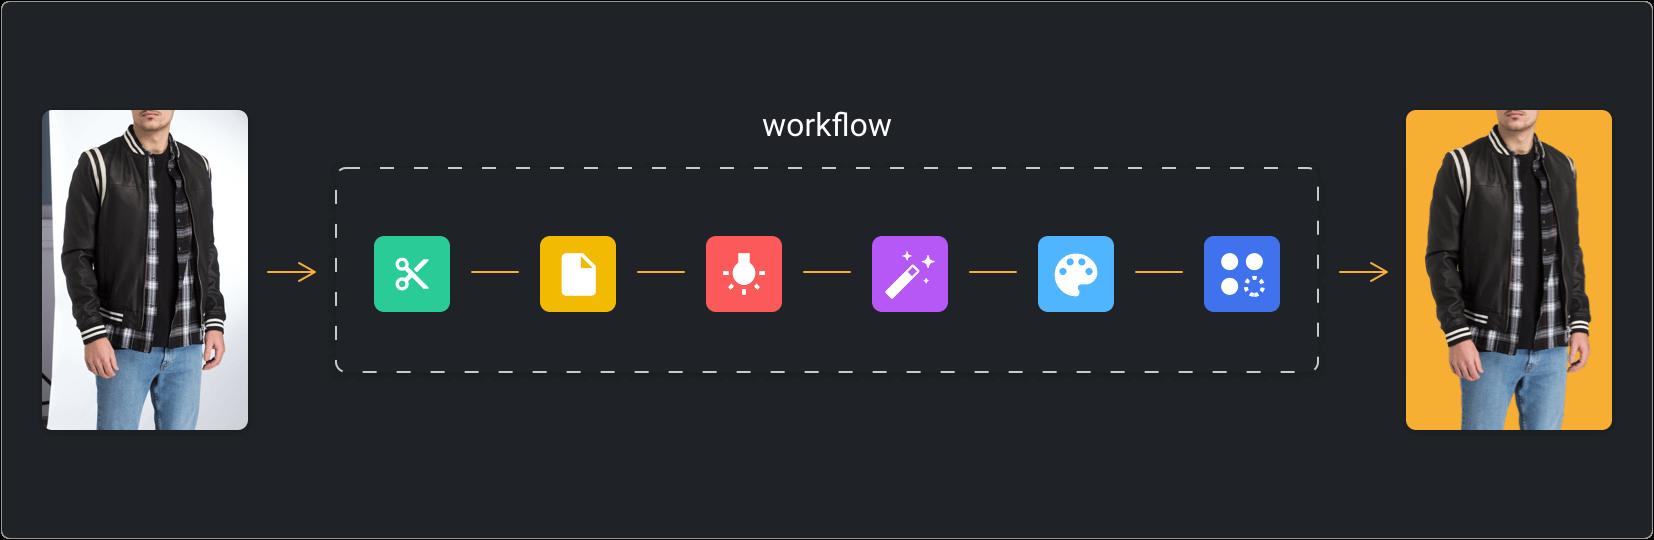 Define Your Workflow